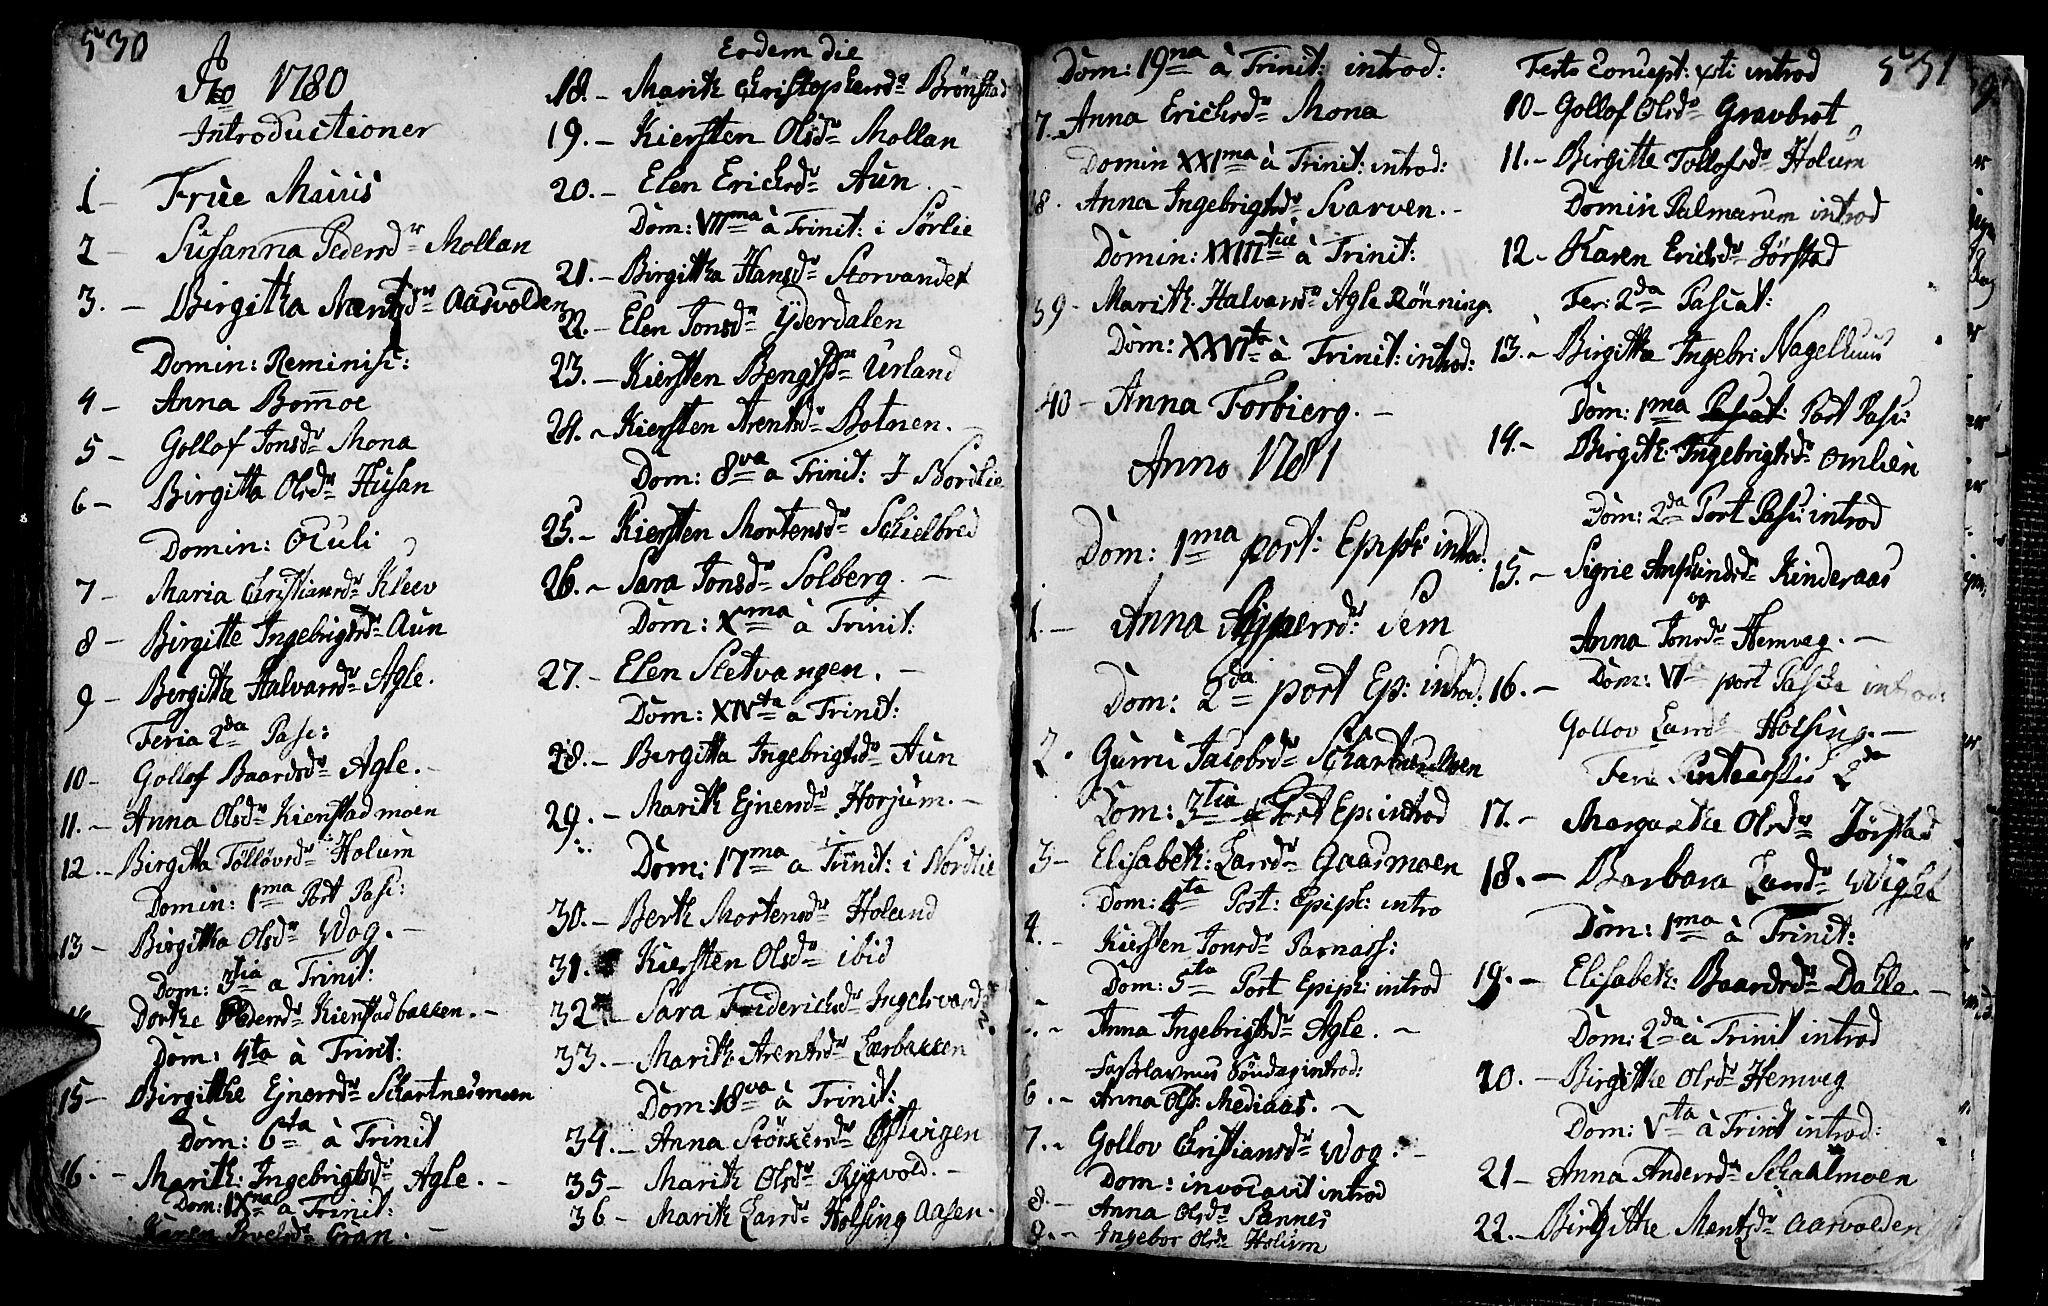 SAT, Ministerialprotokoller, klokkerbøker og fødselsregistre - Nord-Trøndelag, 749/L0467: Ministerialbok nr. 749A01, 1733-1787, s. 530-531